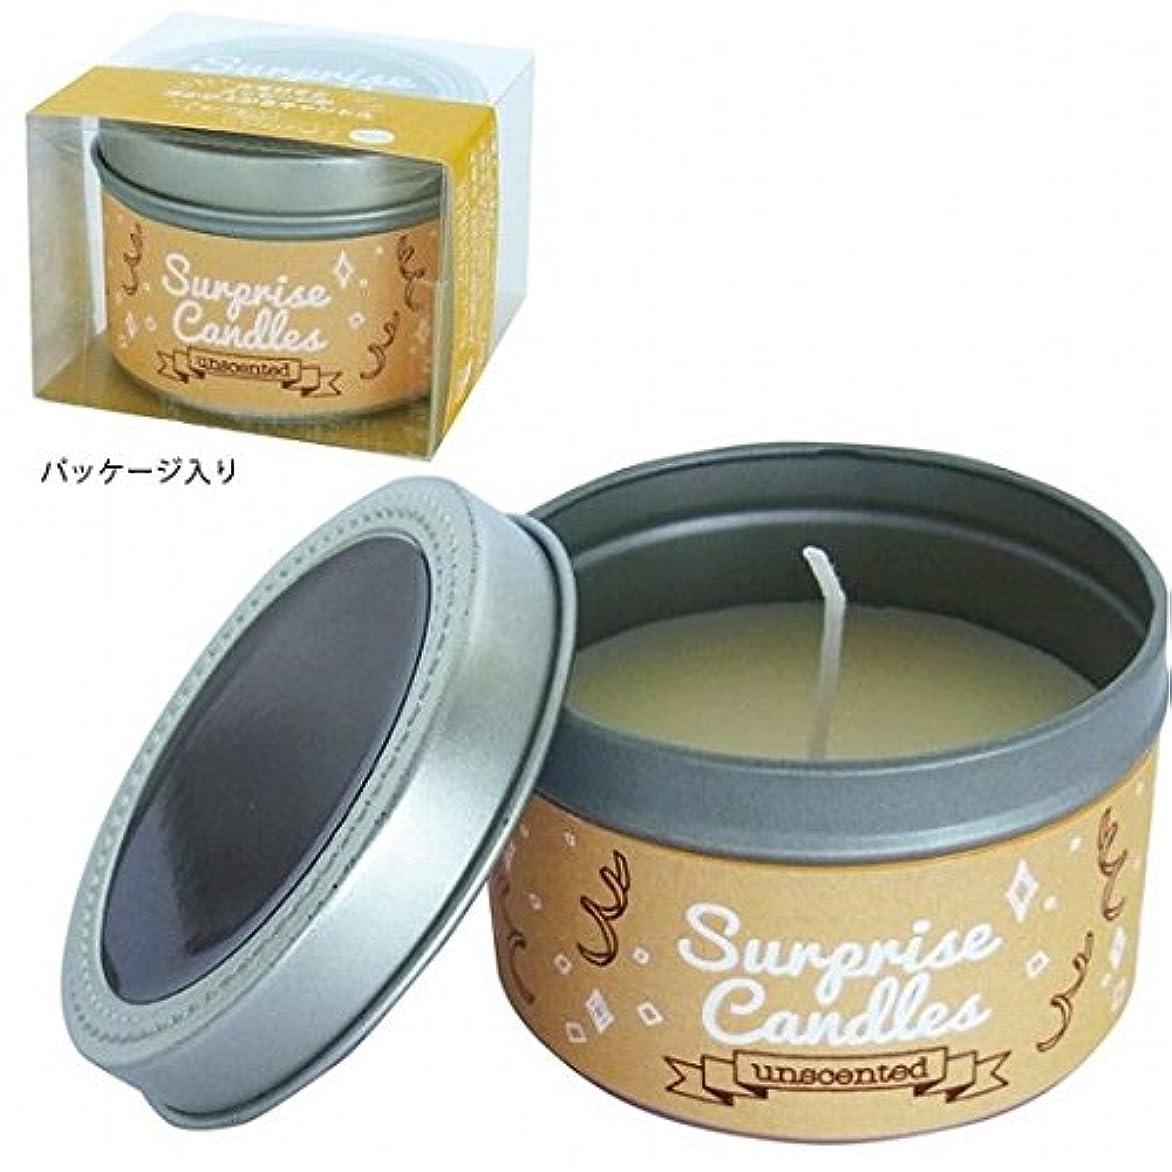 建物共感する圧縮するkameyama candle(カメヤマキャンドル) サプライズキャンドル 「無香」(A207005010)